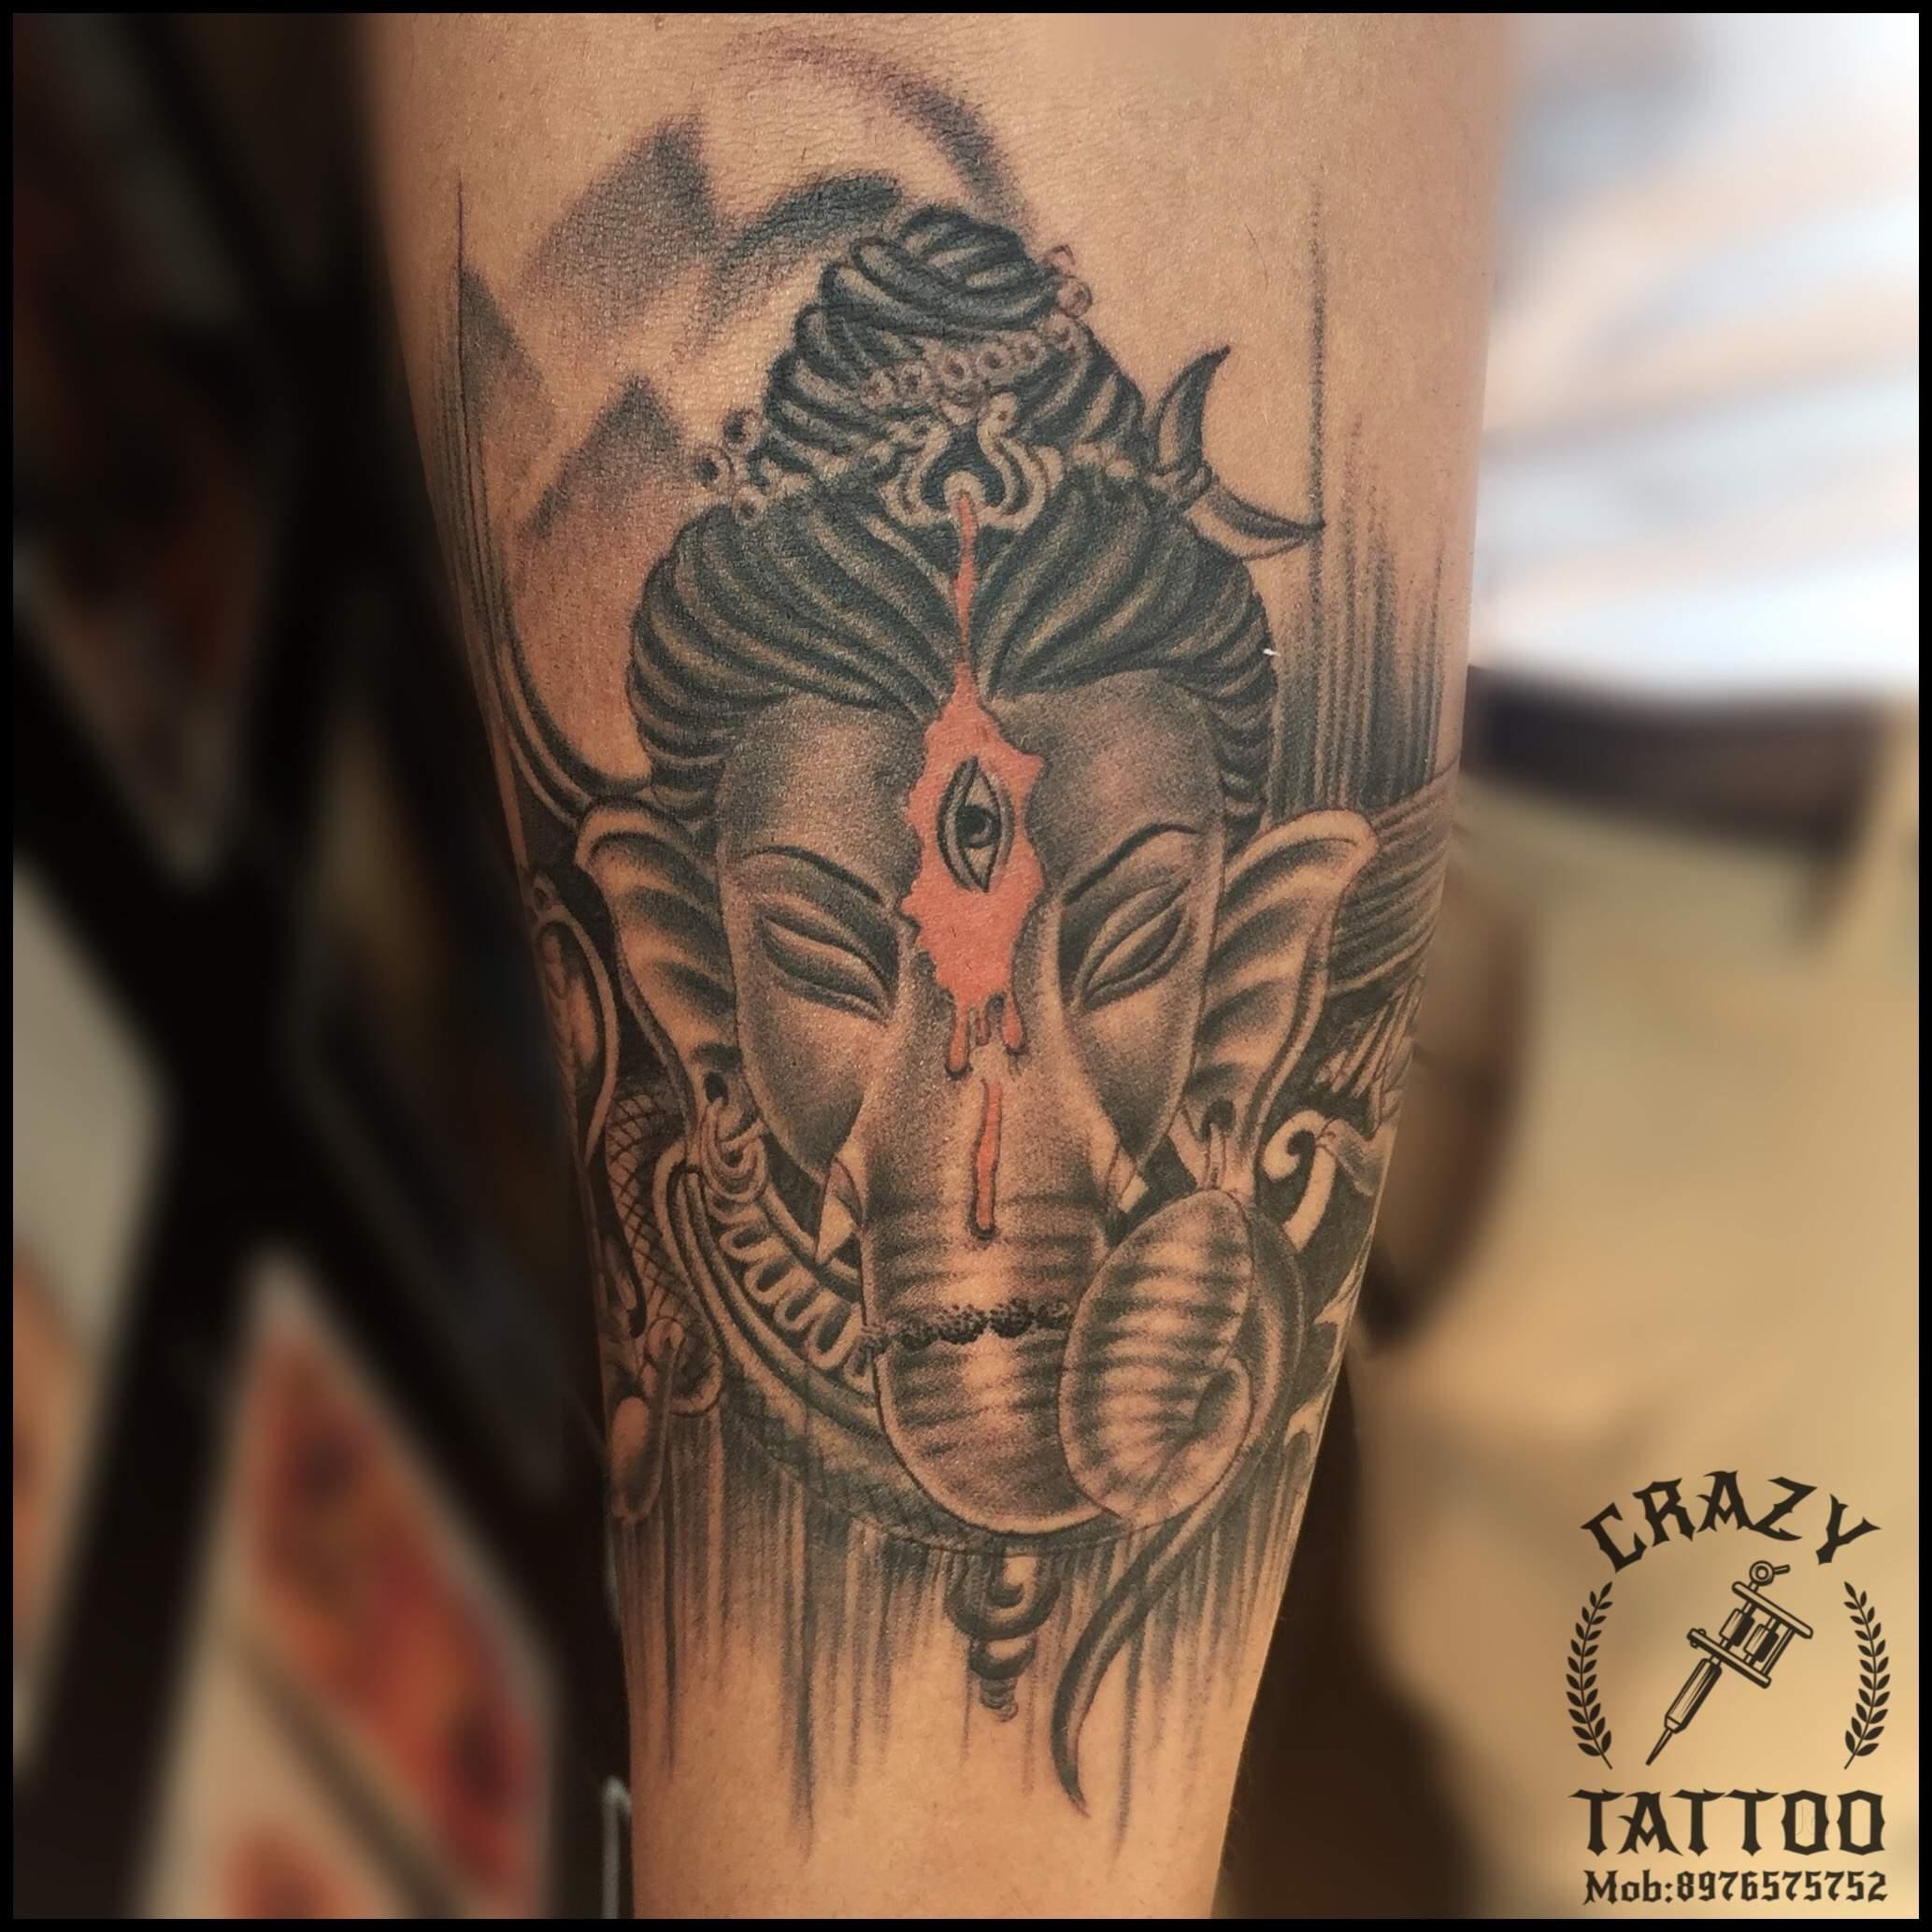 Top 100 Tattoo Studio in Mumbai - Best Needless Tattoo Studio ...